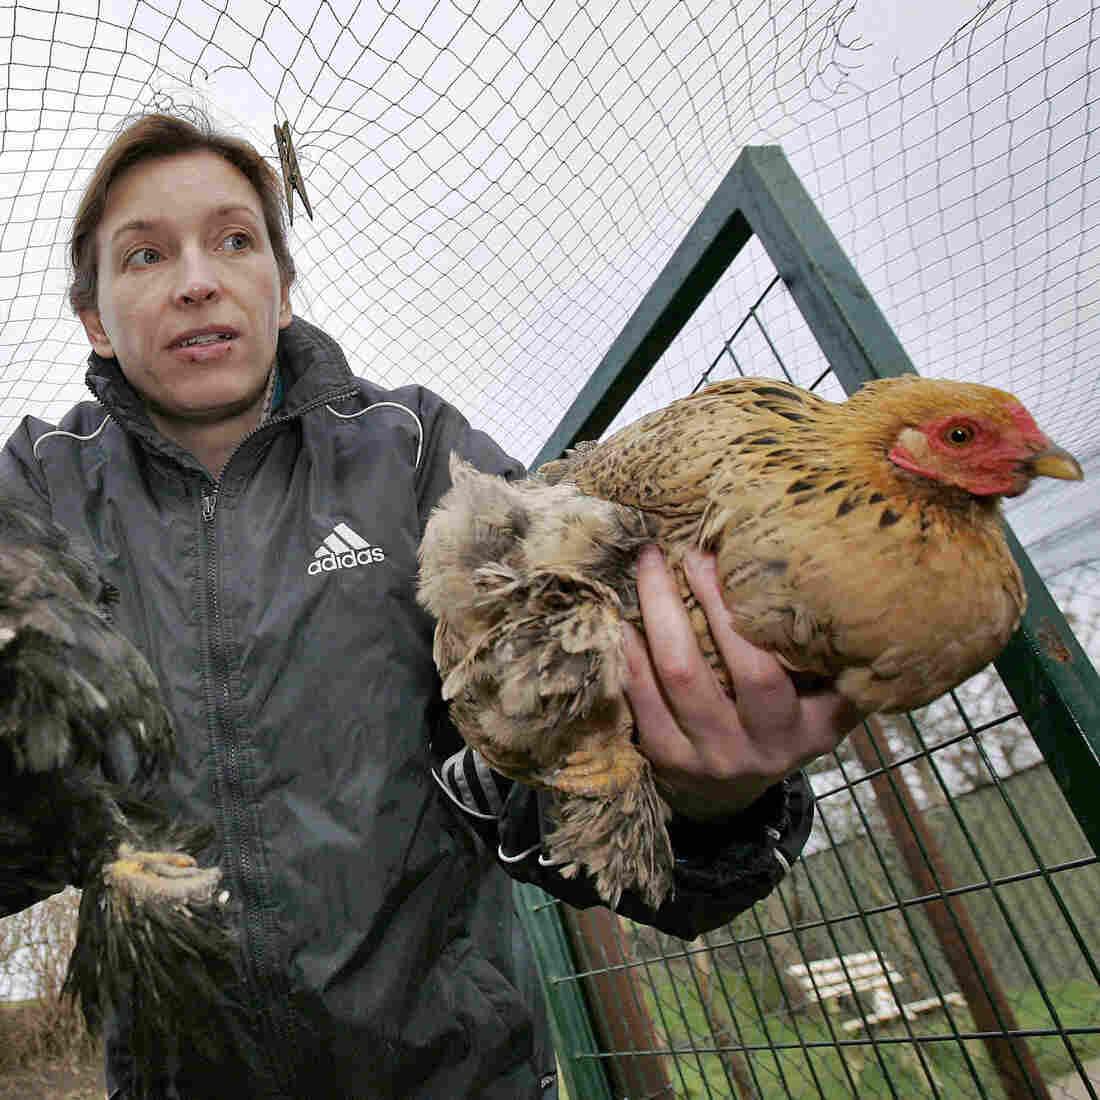 Debate Heats Up About Contentious Bird Flu Research